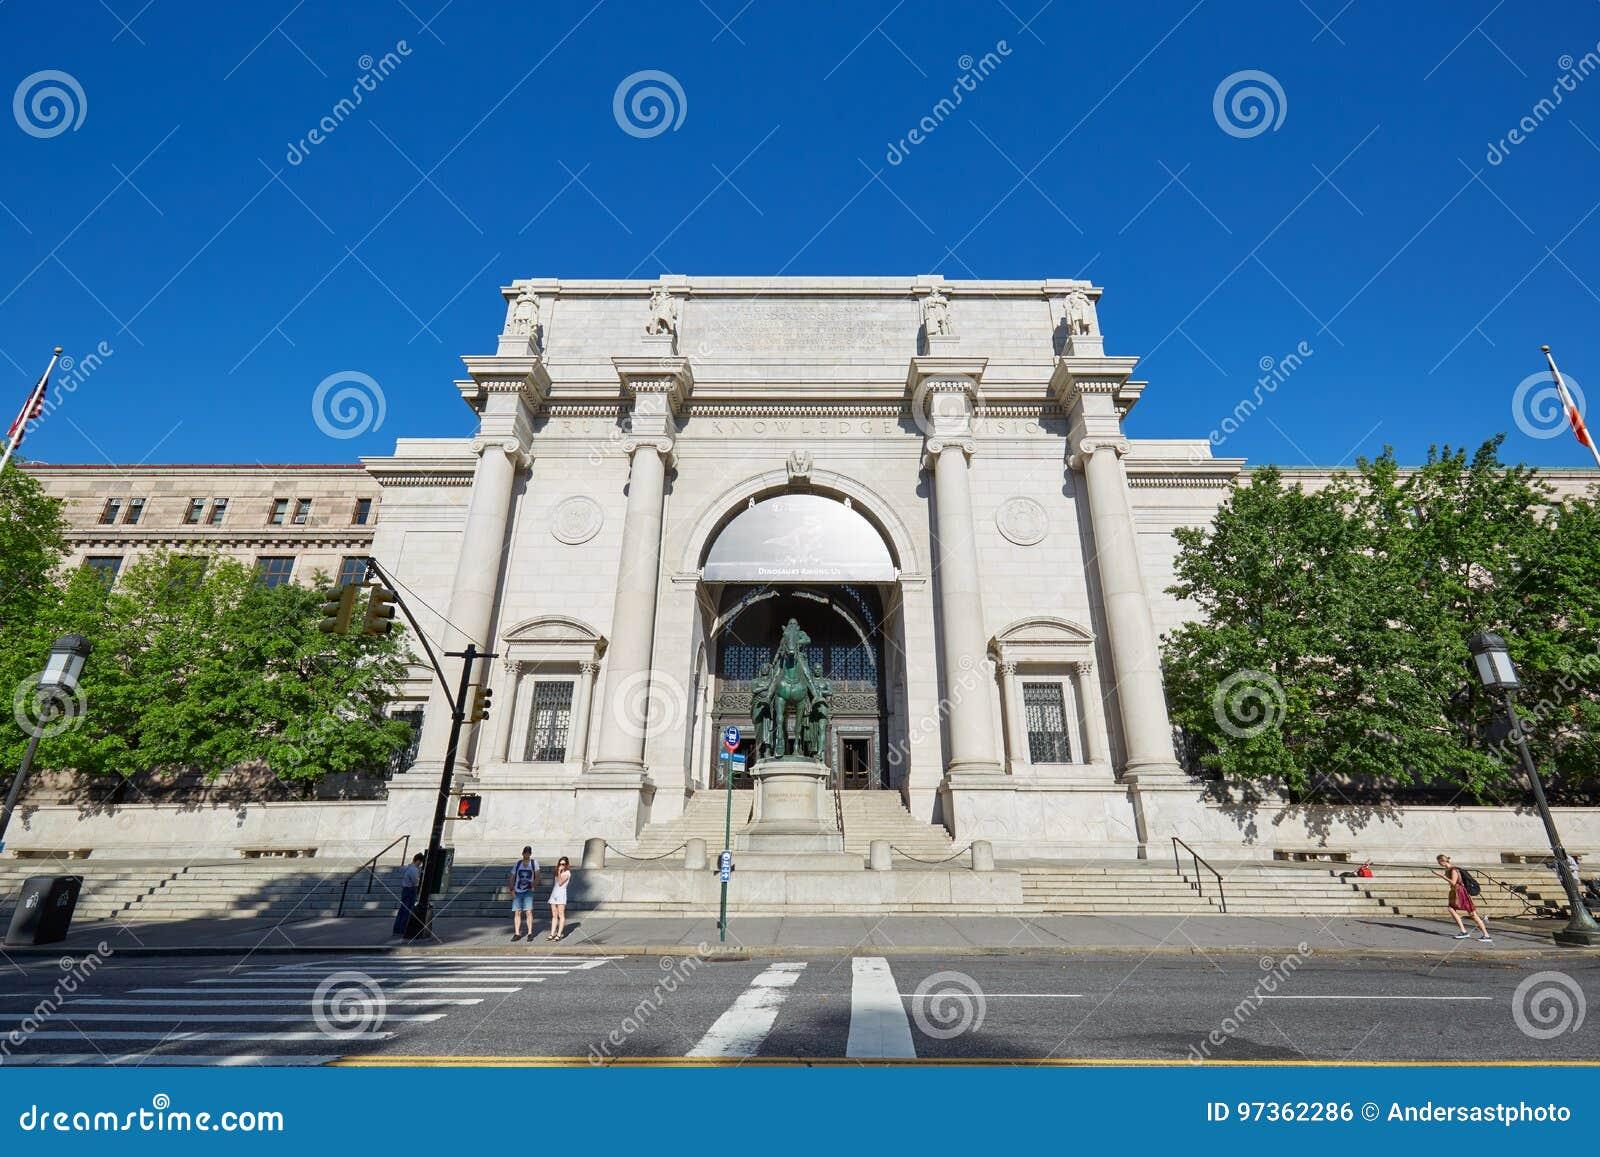 Museo Storia Naturale New York.Museo Americano Della Facciata Della Costruzione Di Storia Naturale